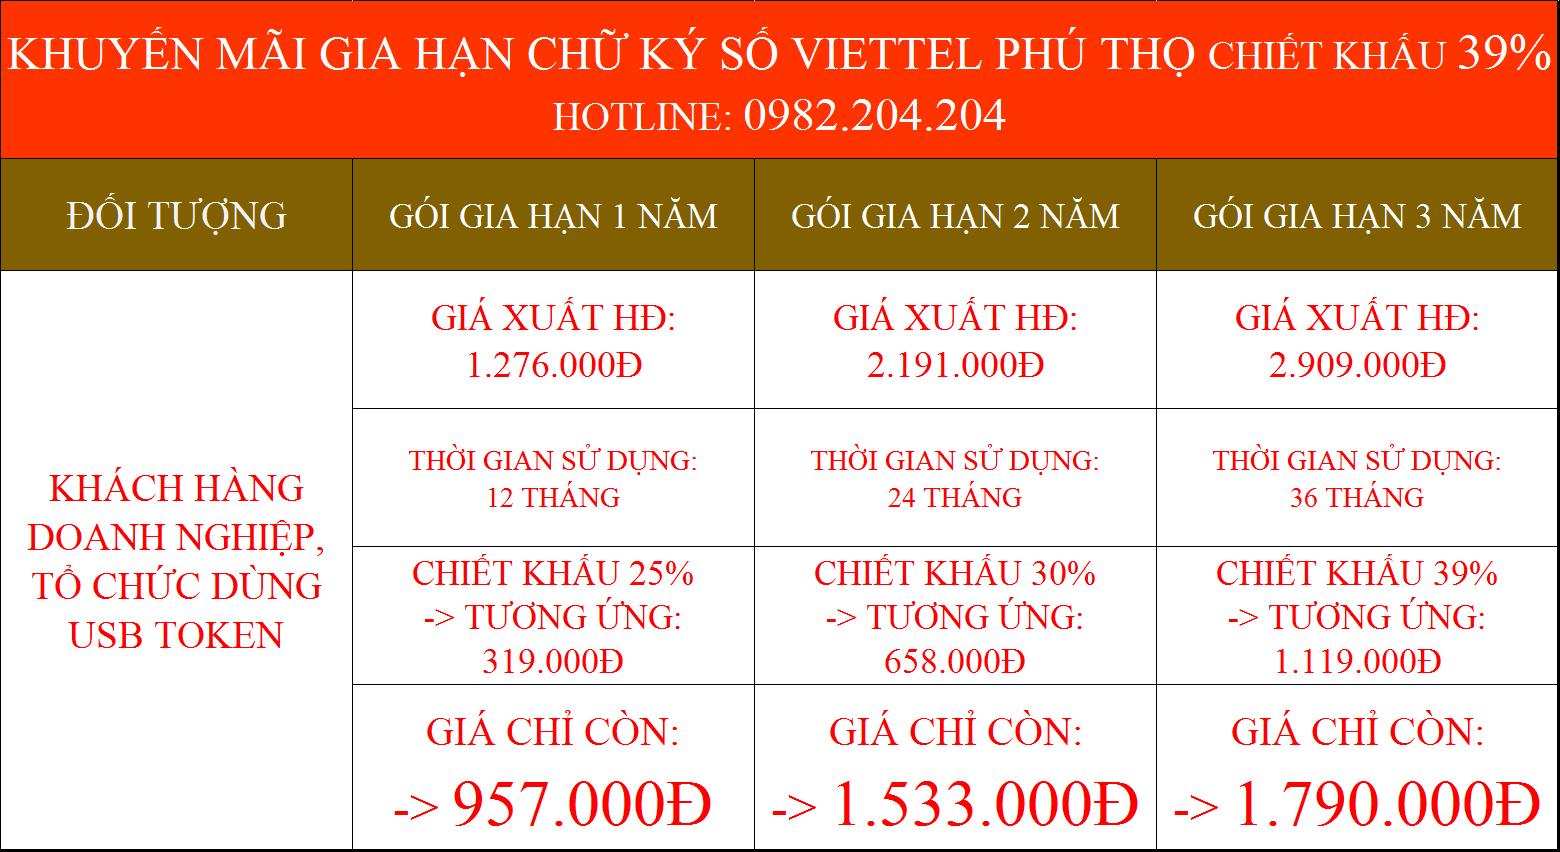 Gia hạn chữ ký số Viettel Phú Thọ